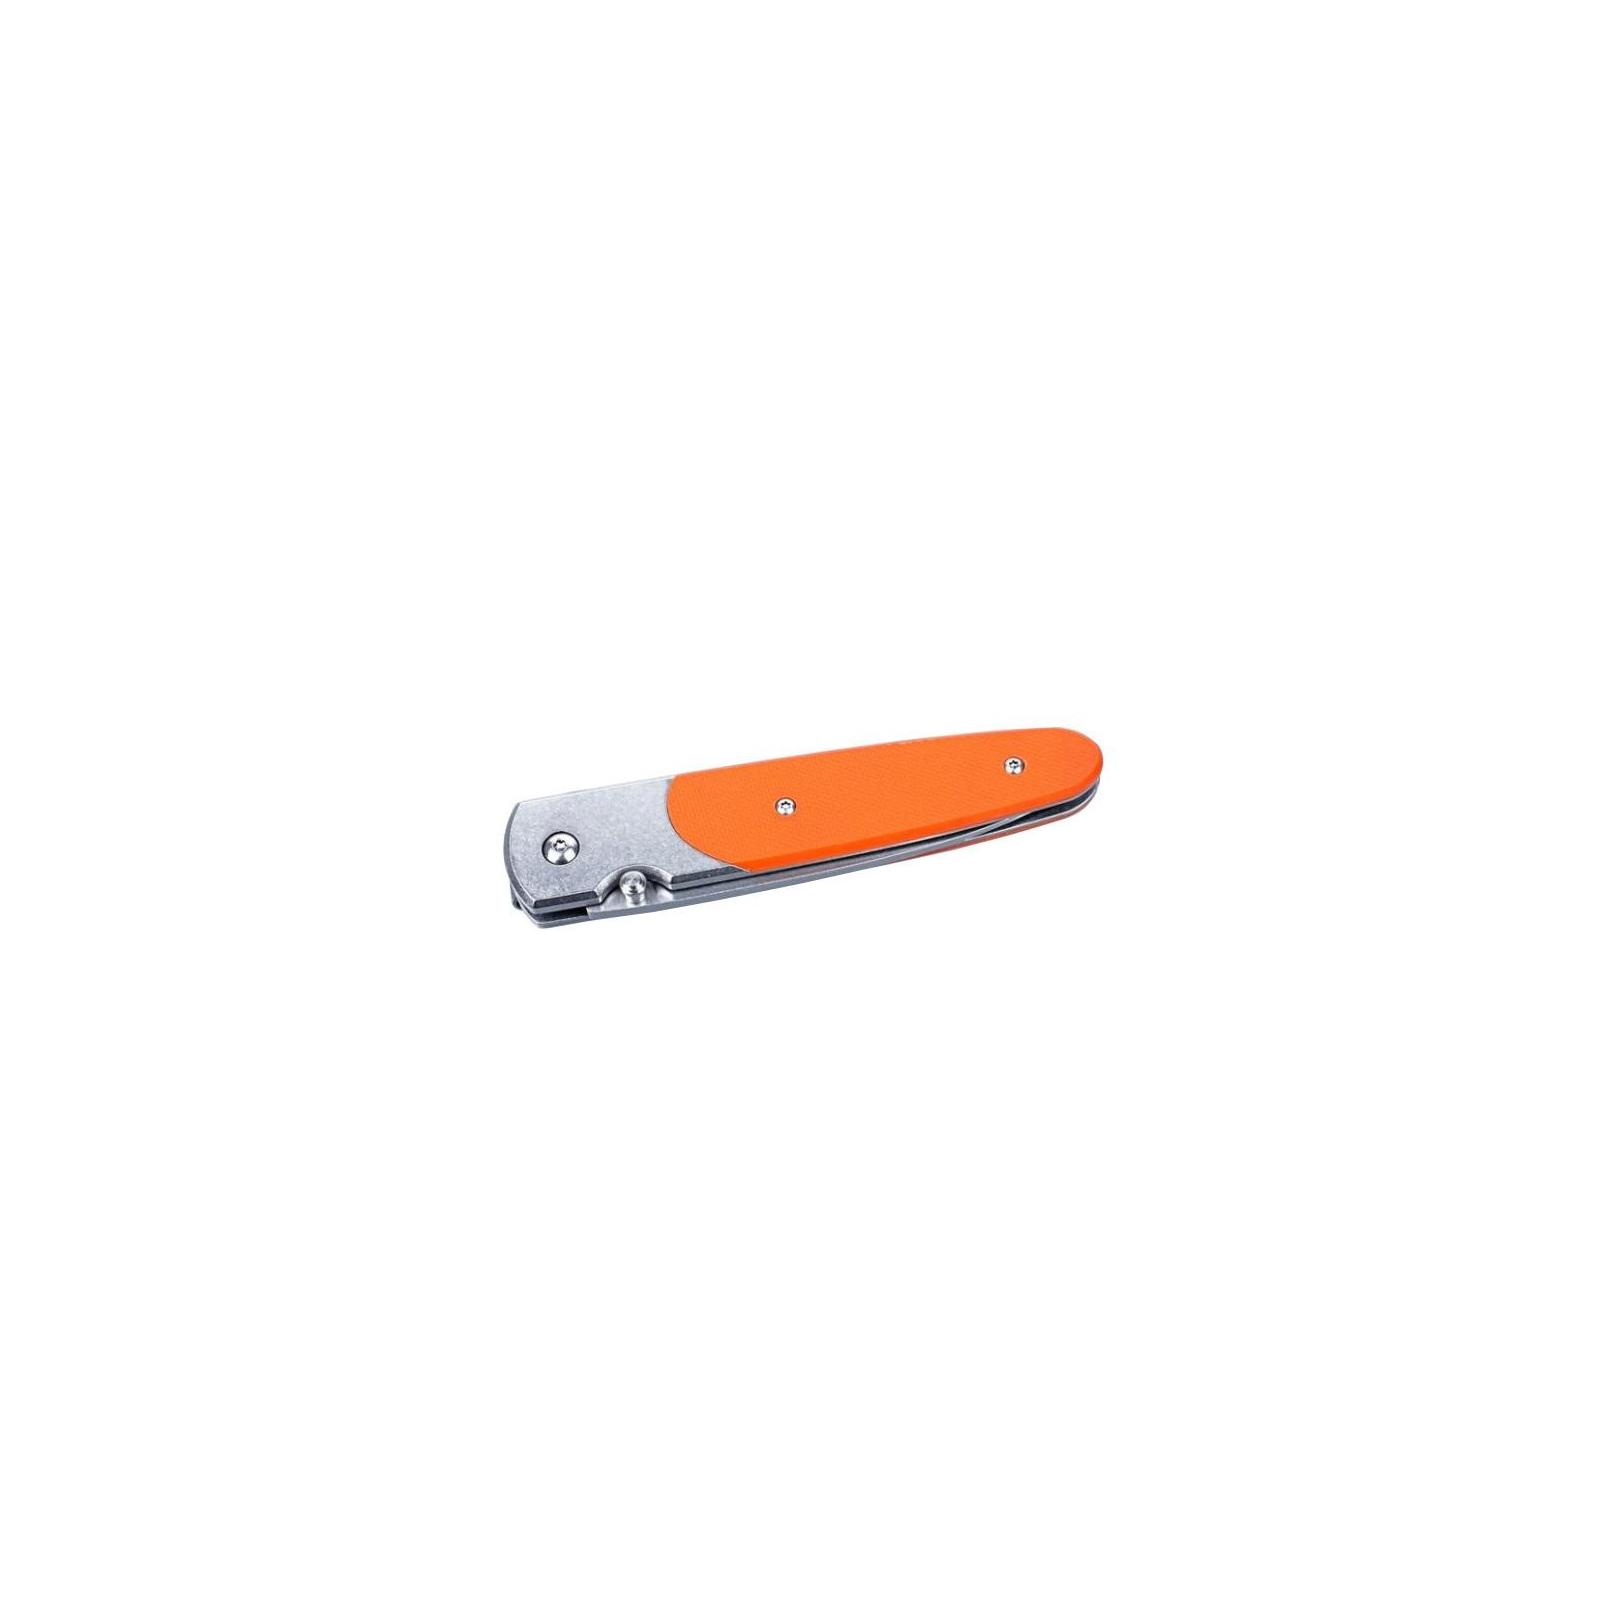 Нож Ganzo G743-2-OR изображение 3